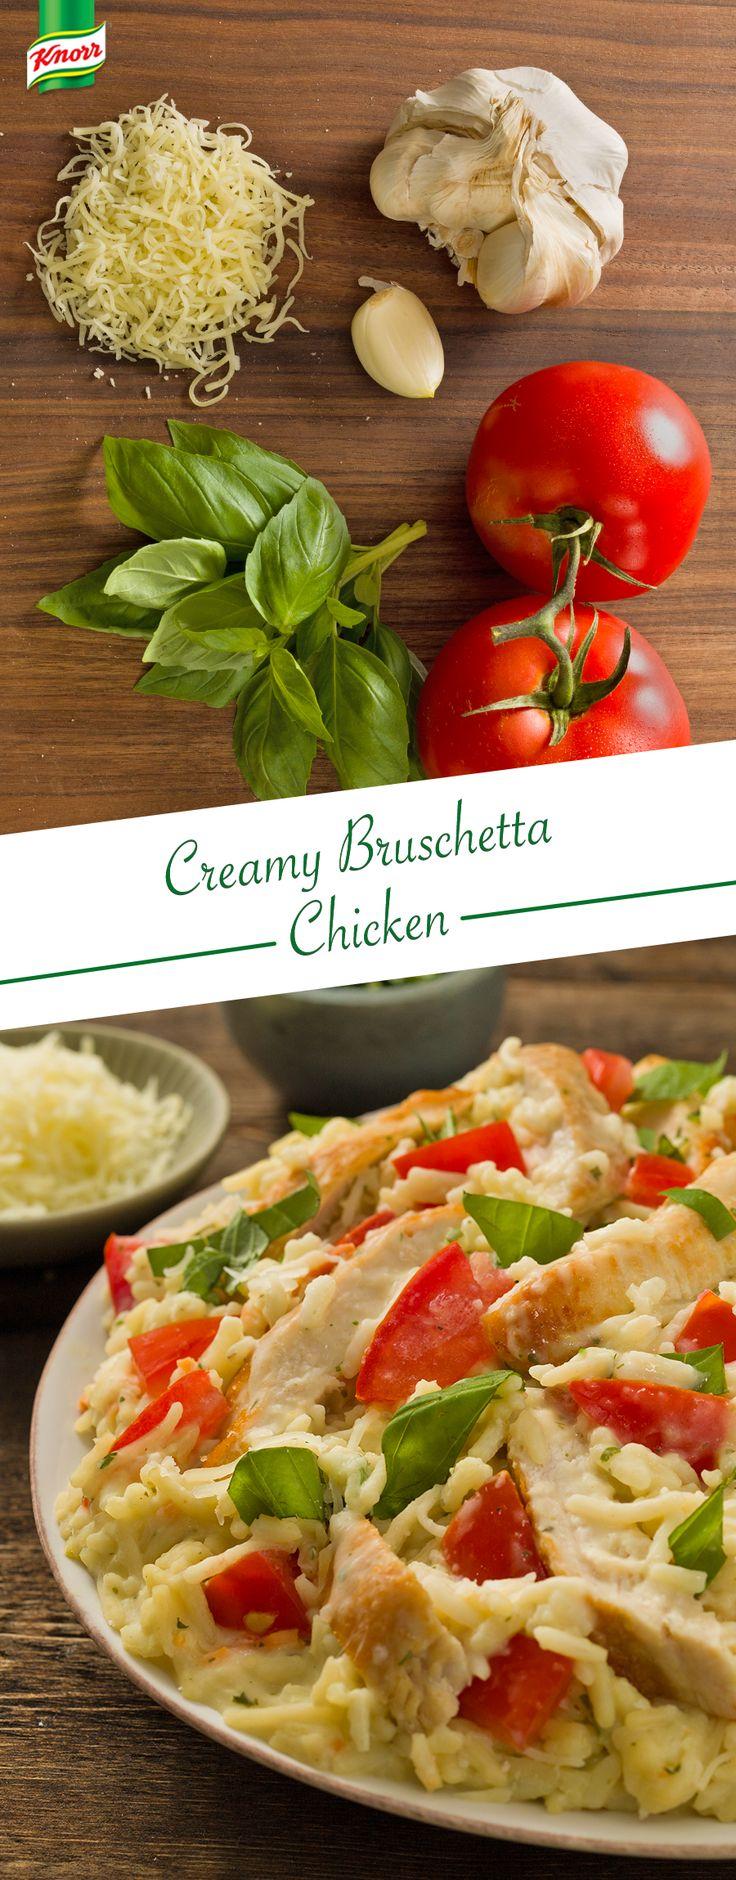 103 Best Chicken Recipes Images On Pinterest Bruschetta